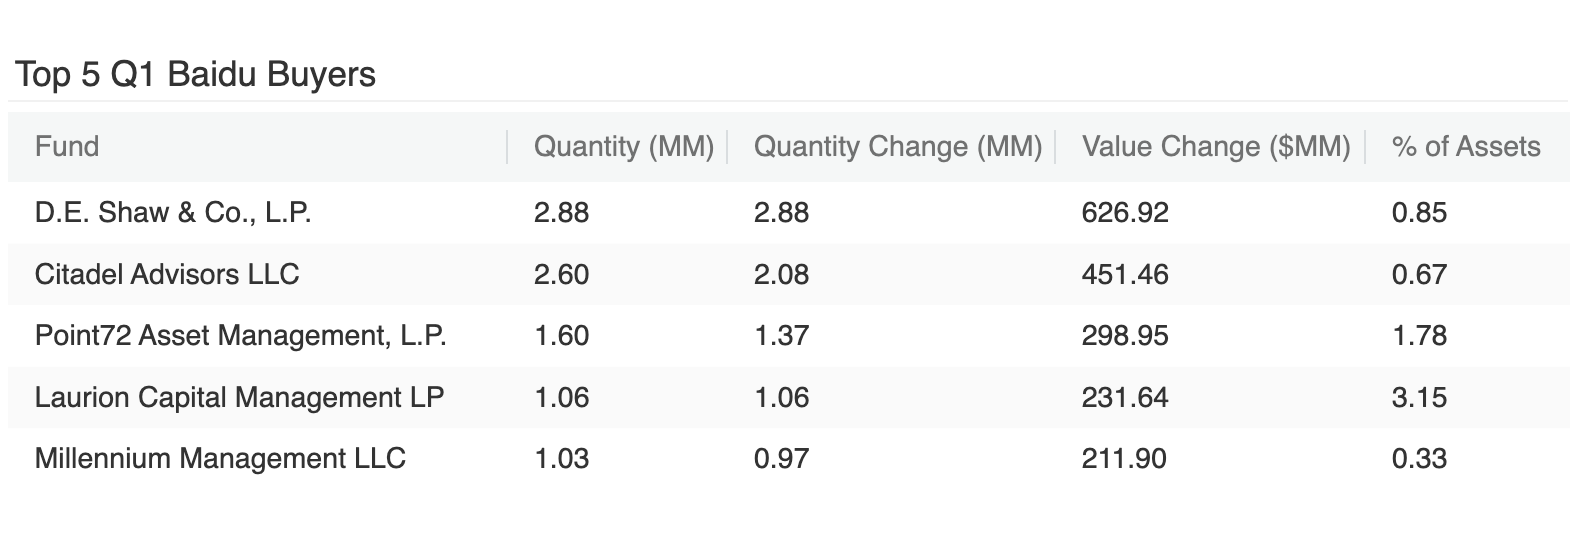 Top 5 Q1 Baidu Buyers